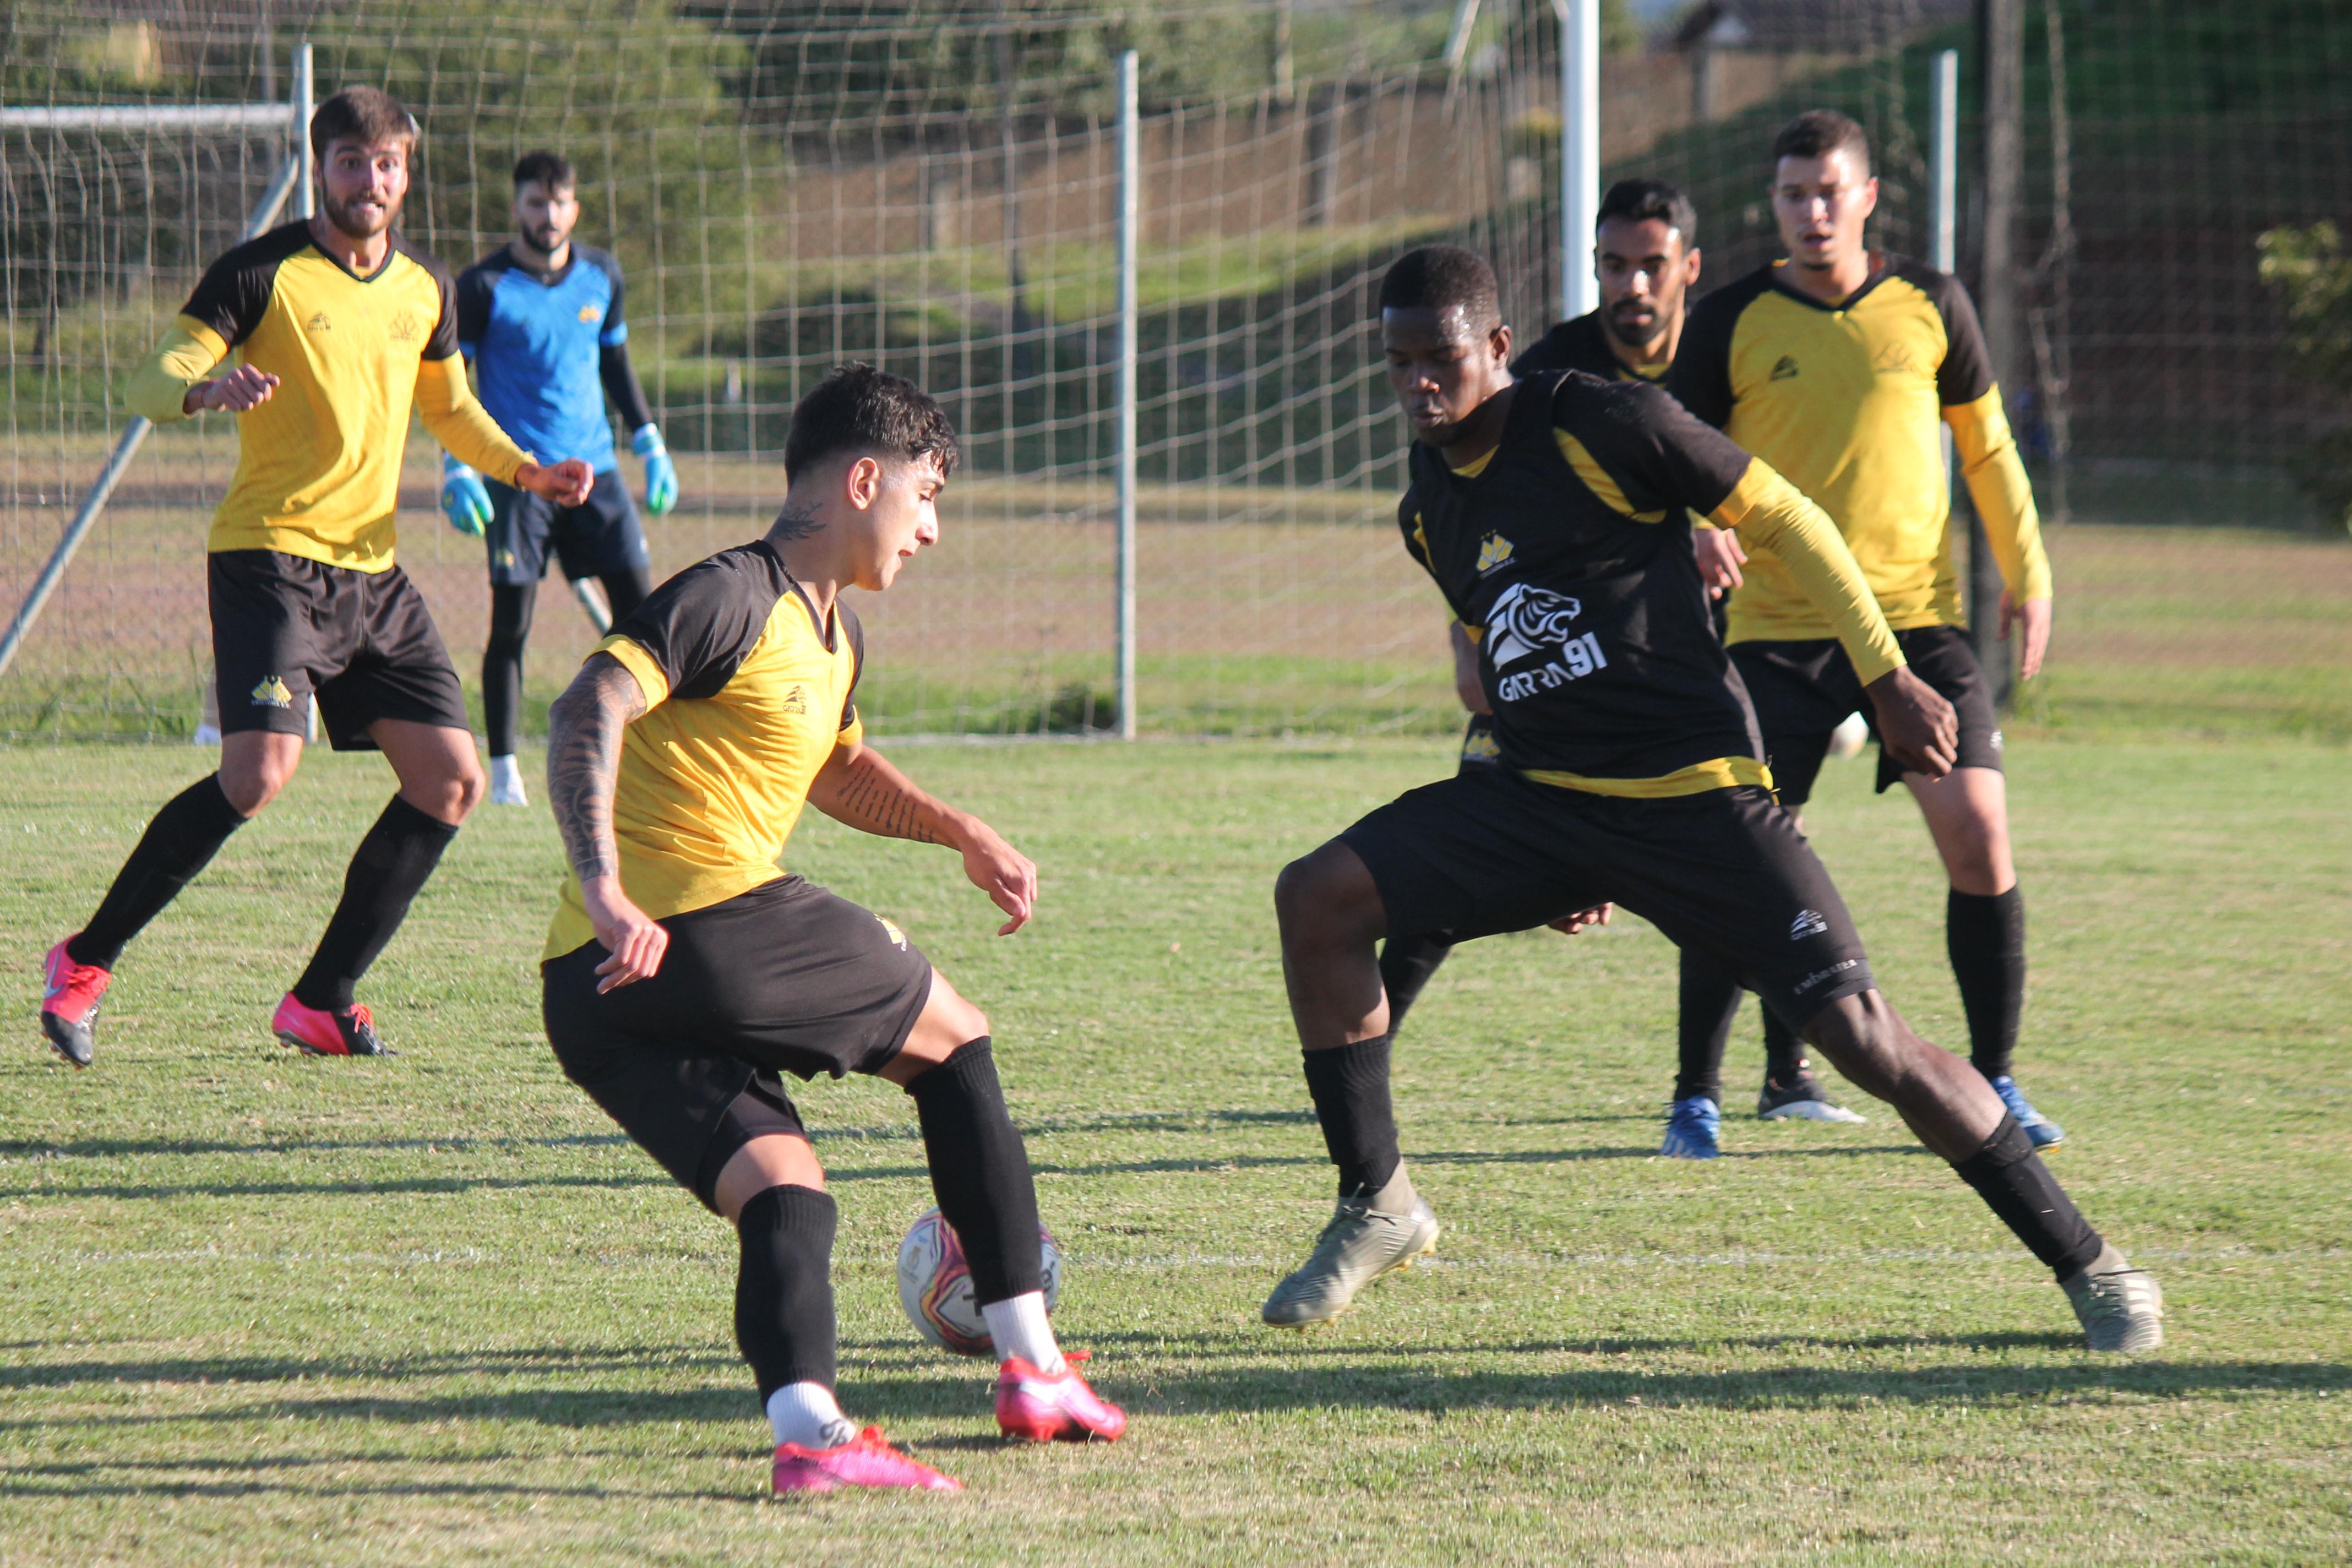 Derrota para o Ypiranga-RS é passado e a meta agora é encarar o São José-RS